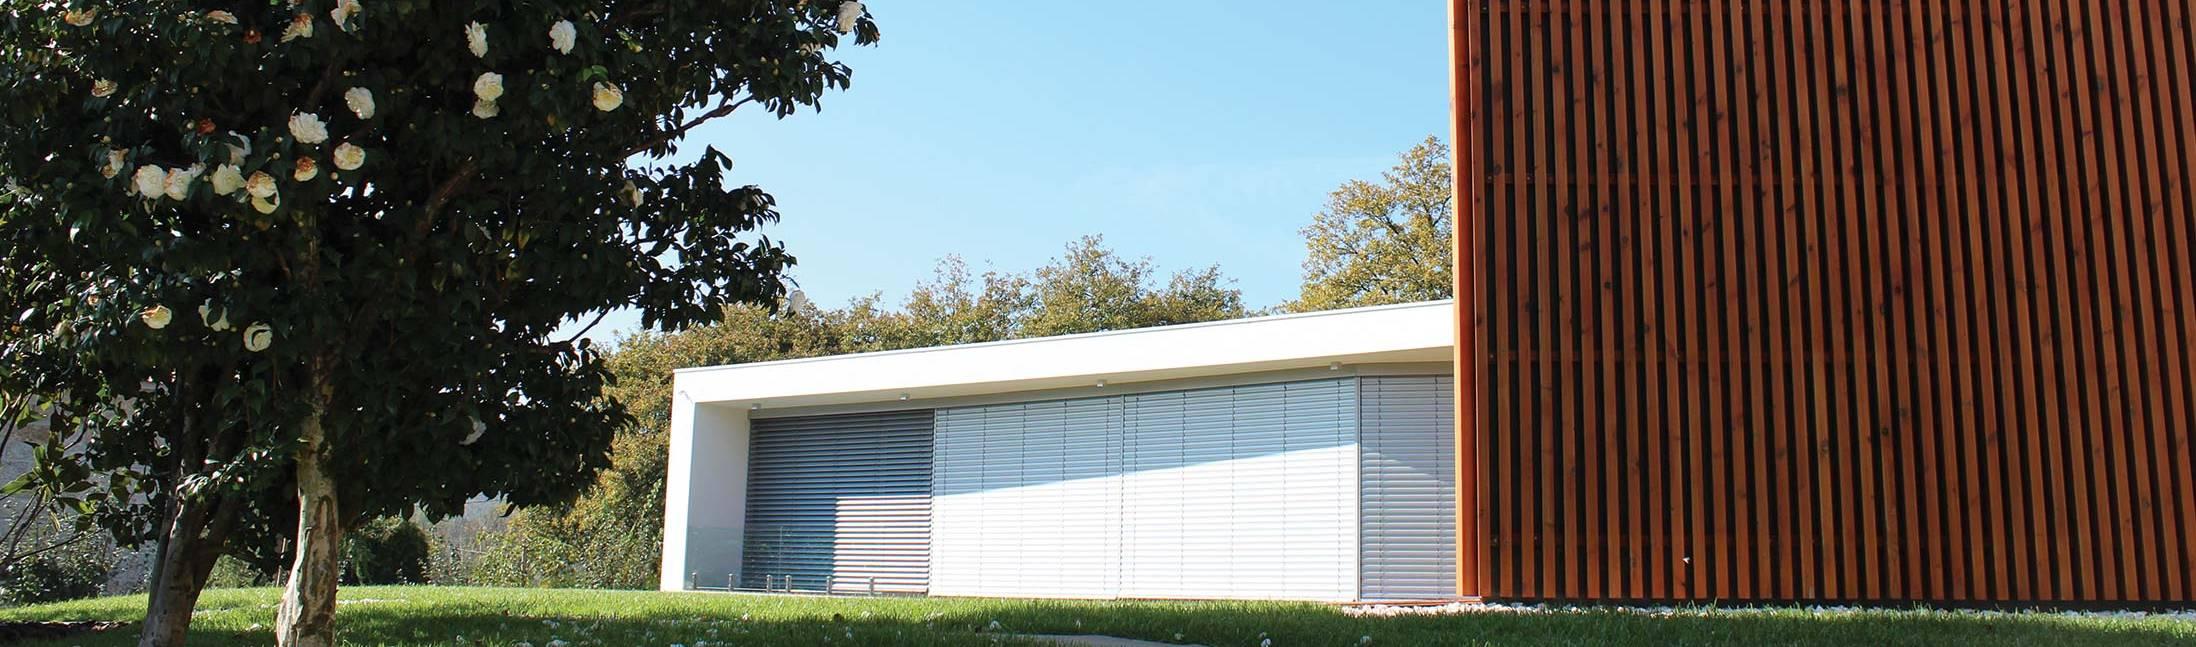 OBRA ATELIER – Arquitetura & Interiores